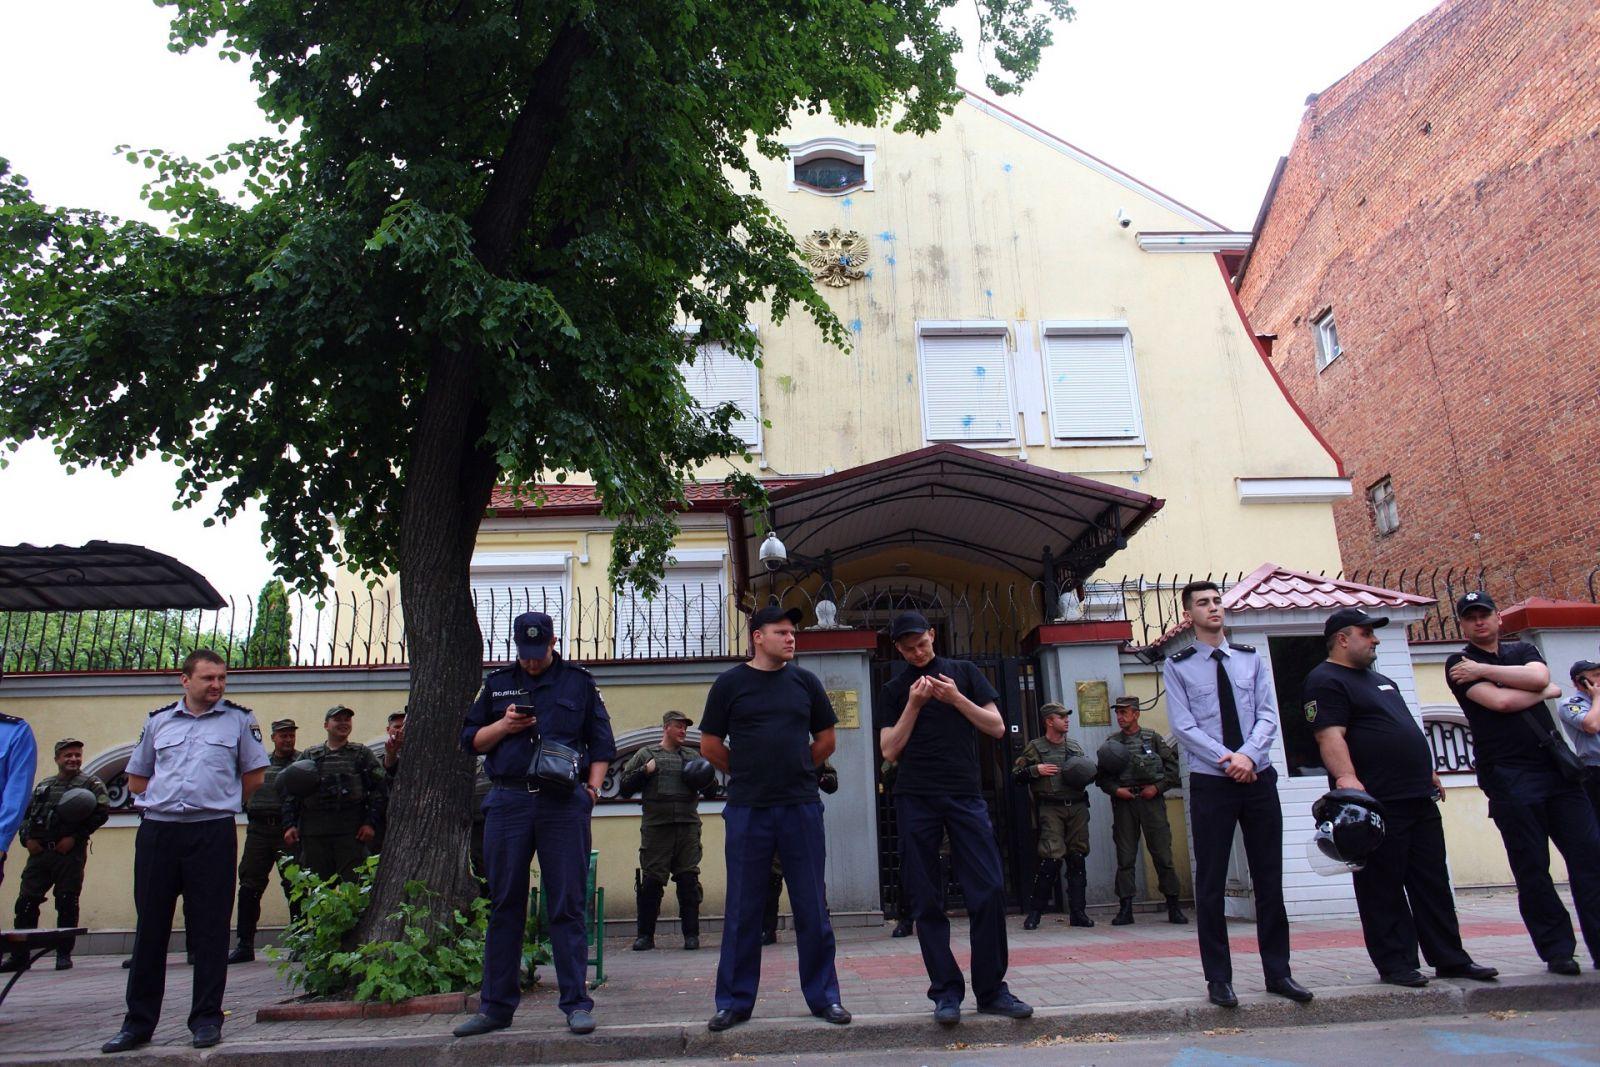 12 червня 2016 року біля Генконсульства РФ була акція протесту. Фото Павла Пахоменка